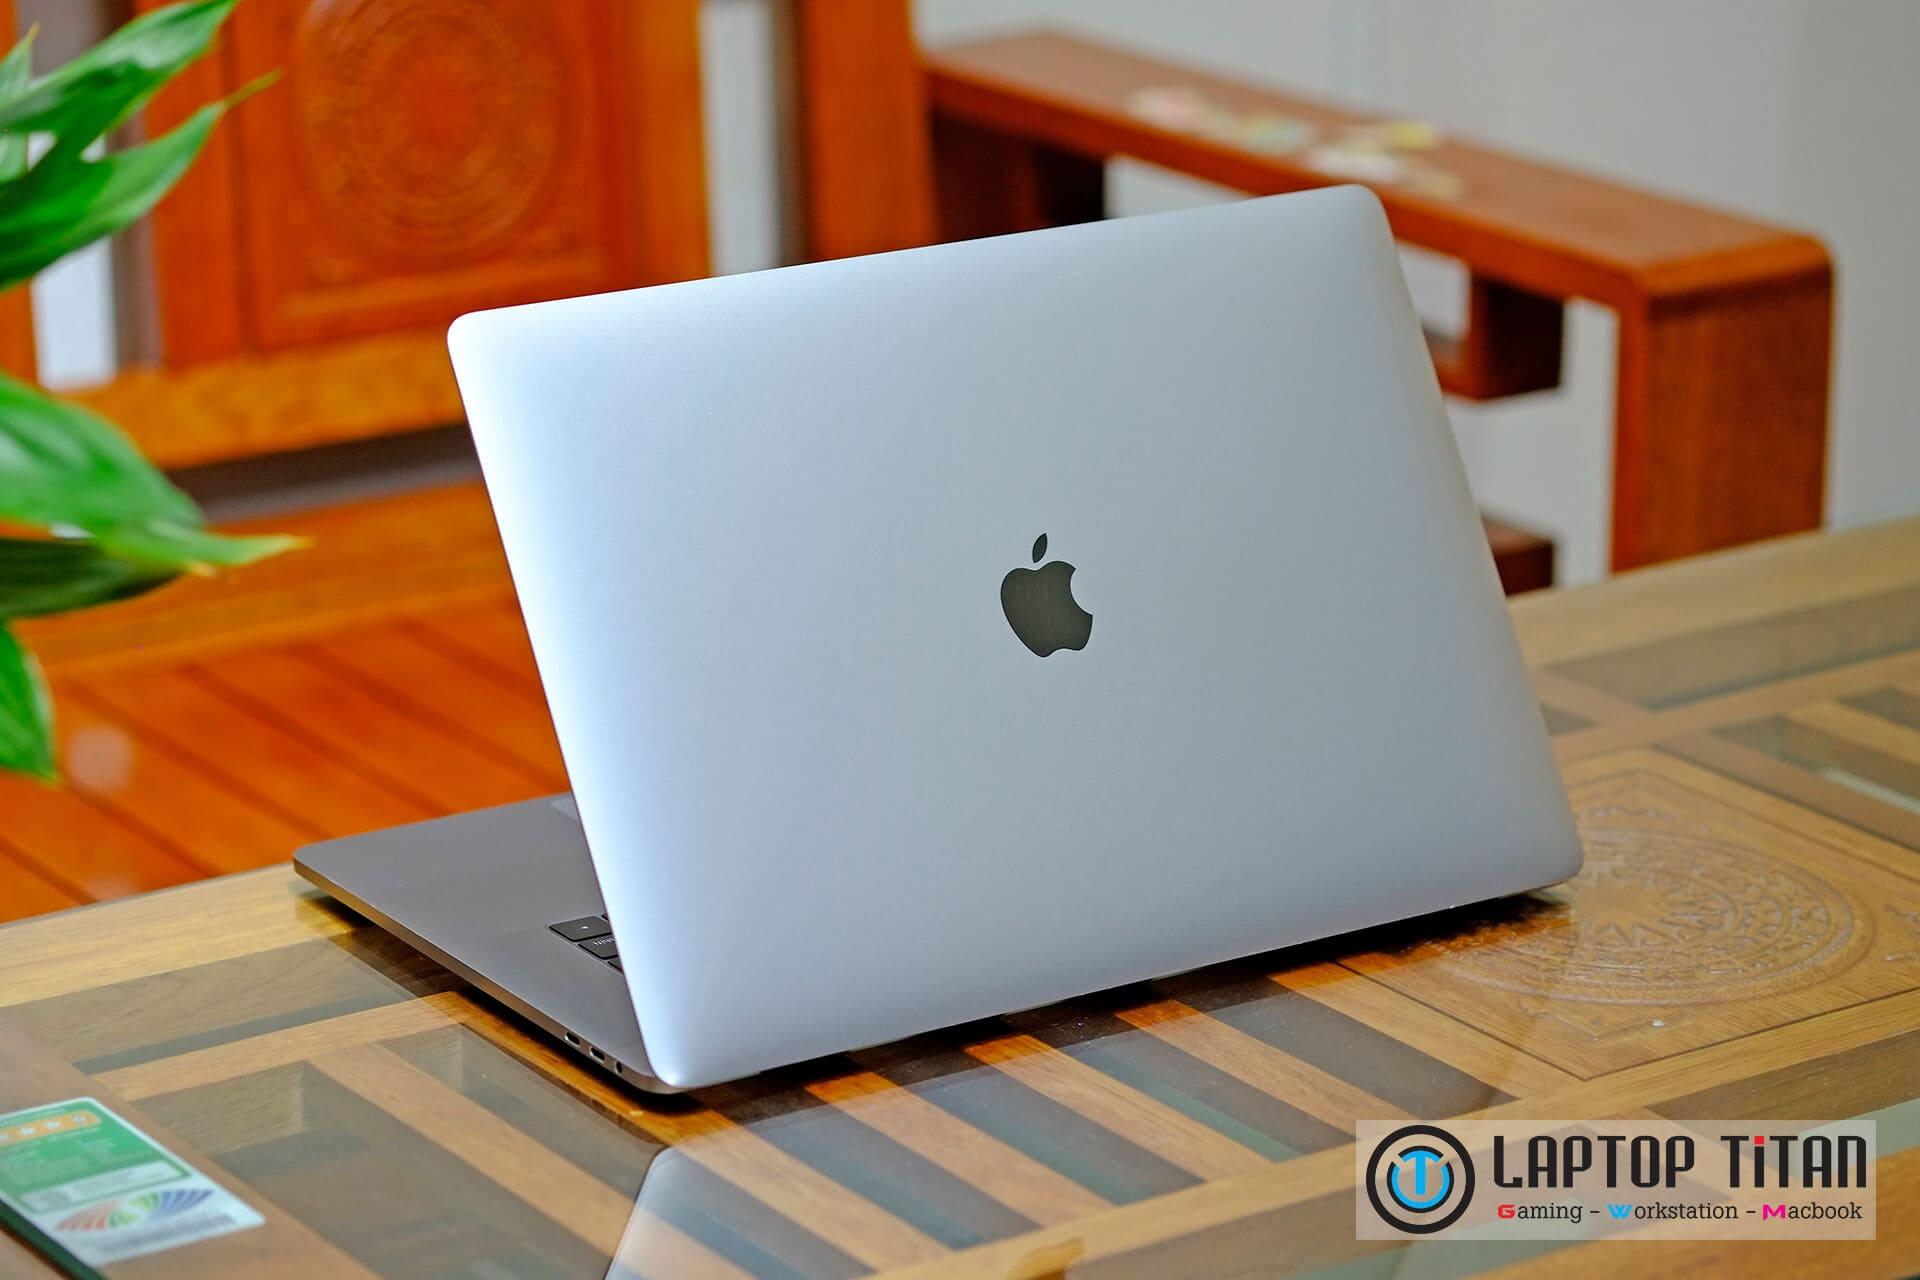 Macbook Pro Touchbar 15 Inch Laptoptitan 08